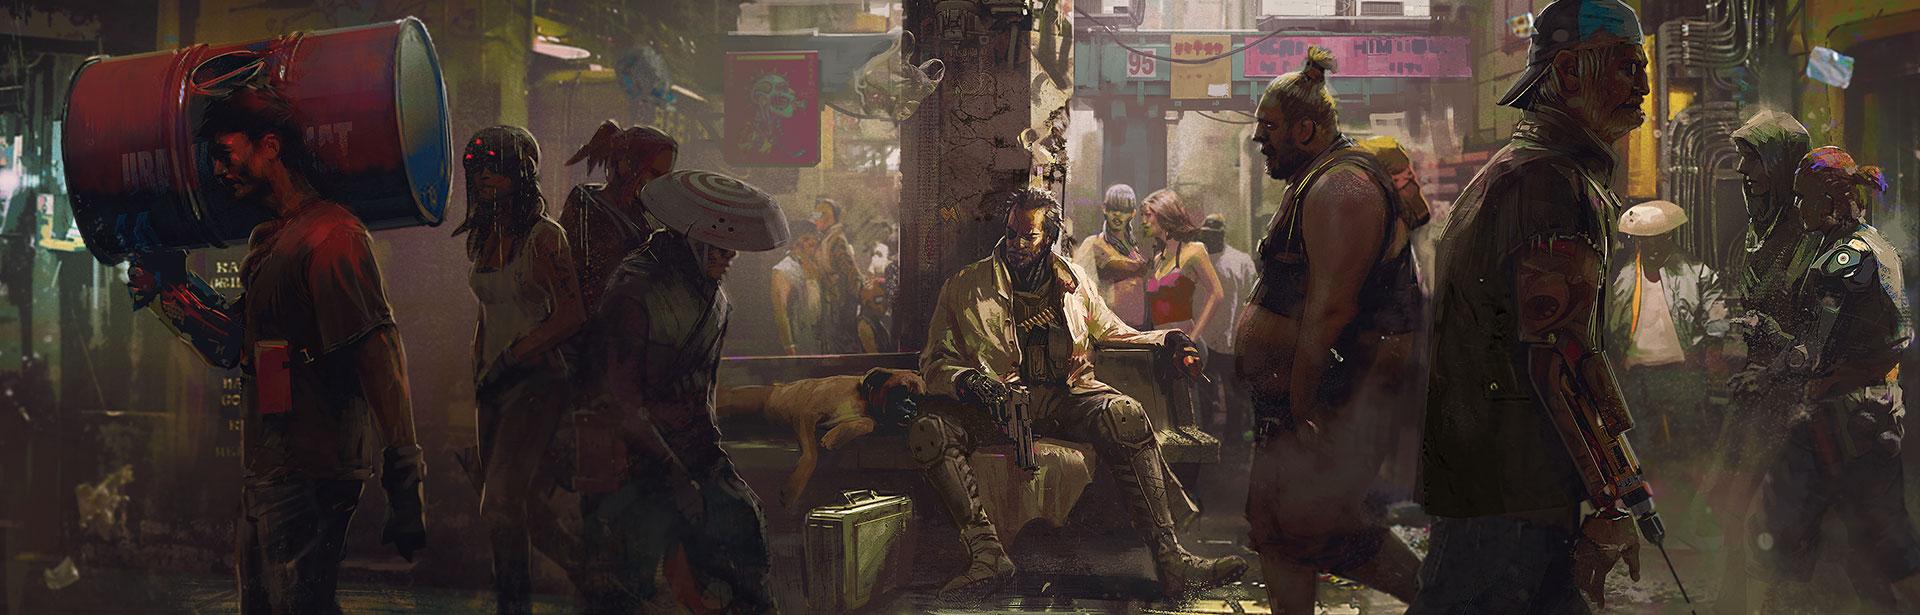 Beginners Tips for Cyberpunk 2077 header